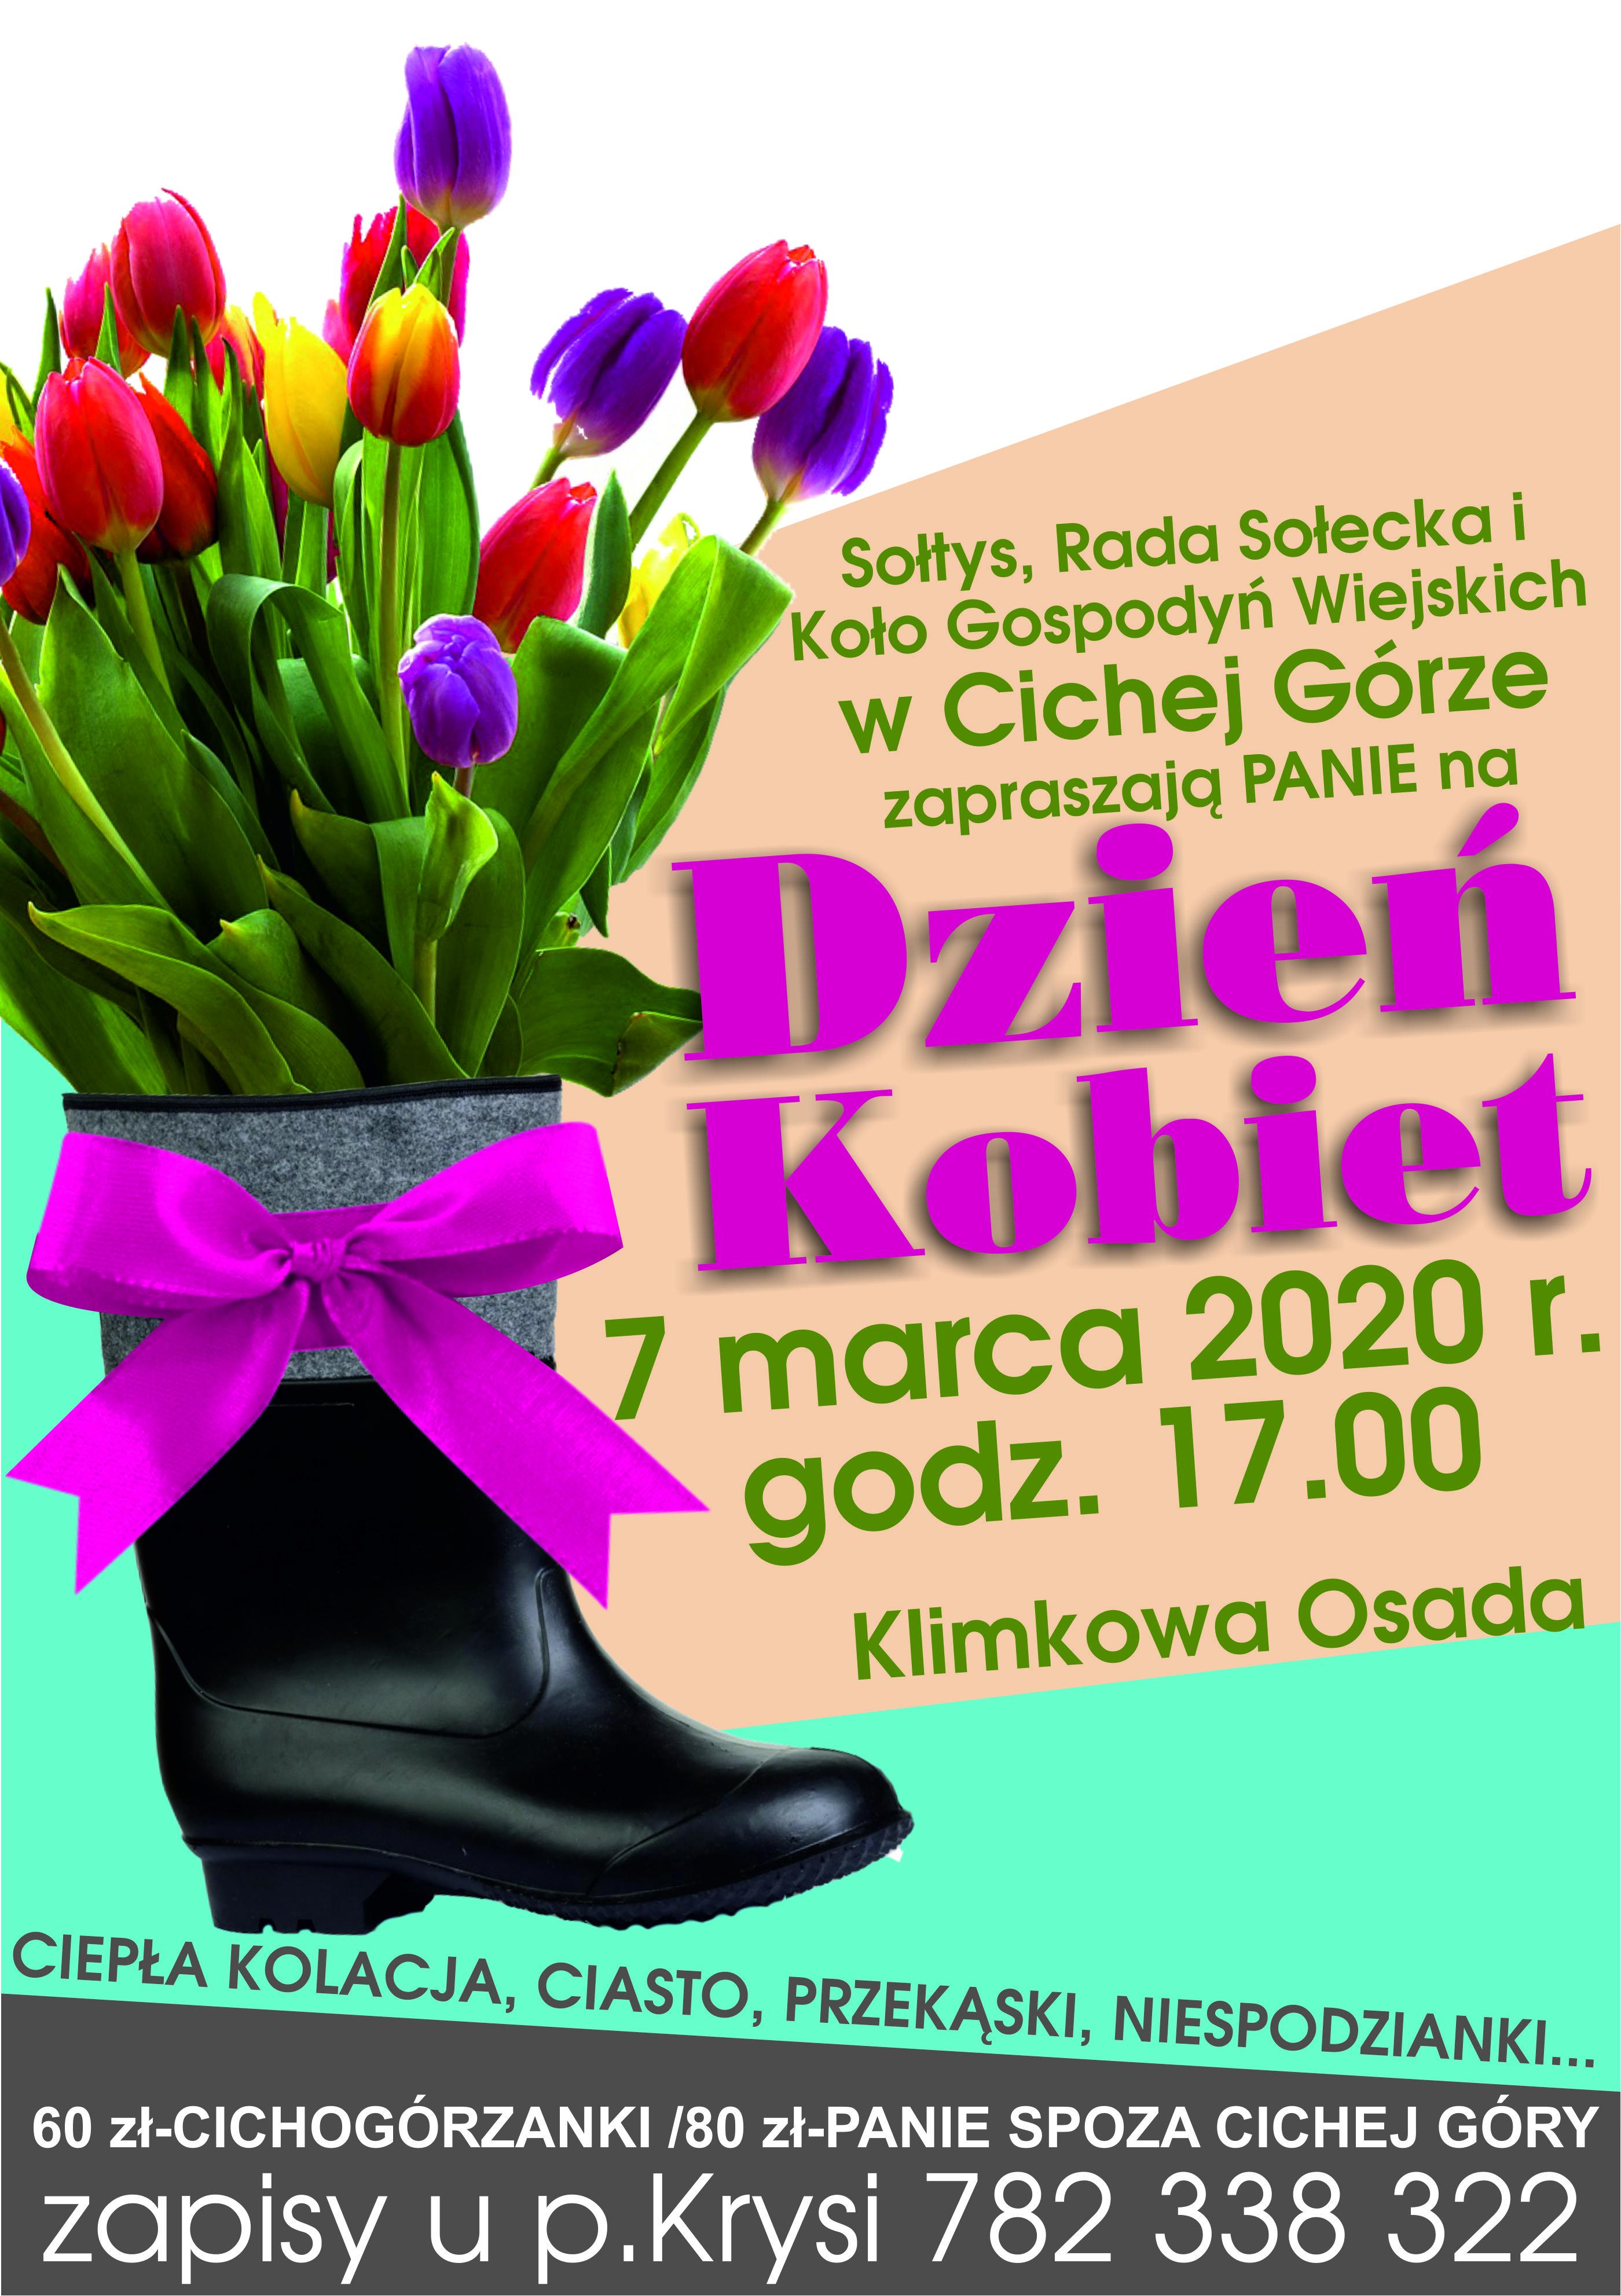 dzień kobiet 2020 Cicha Góra 7 MARCA